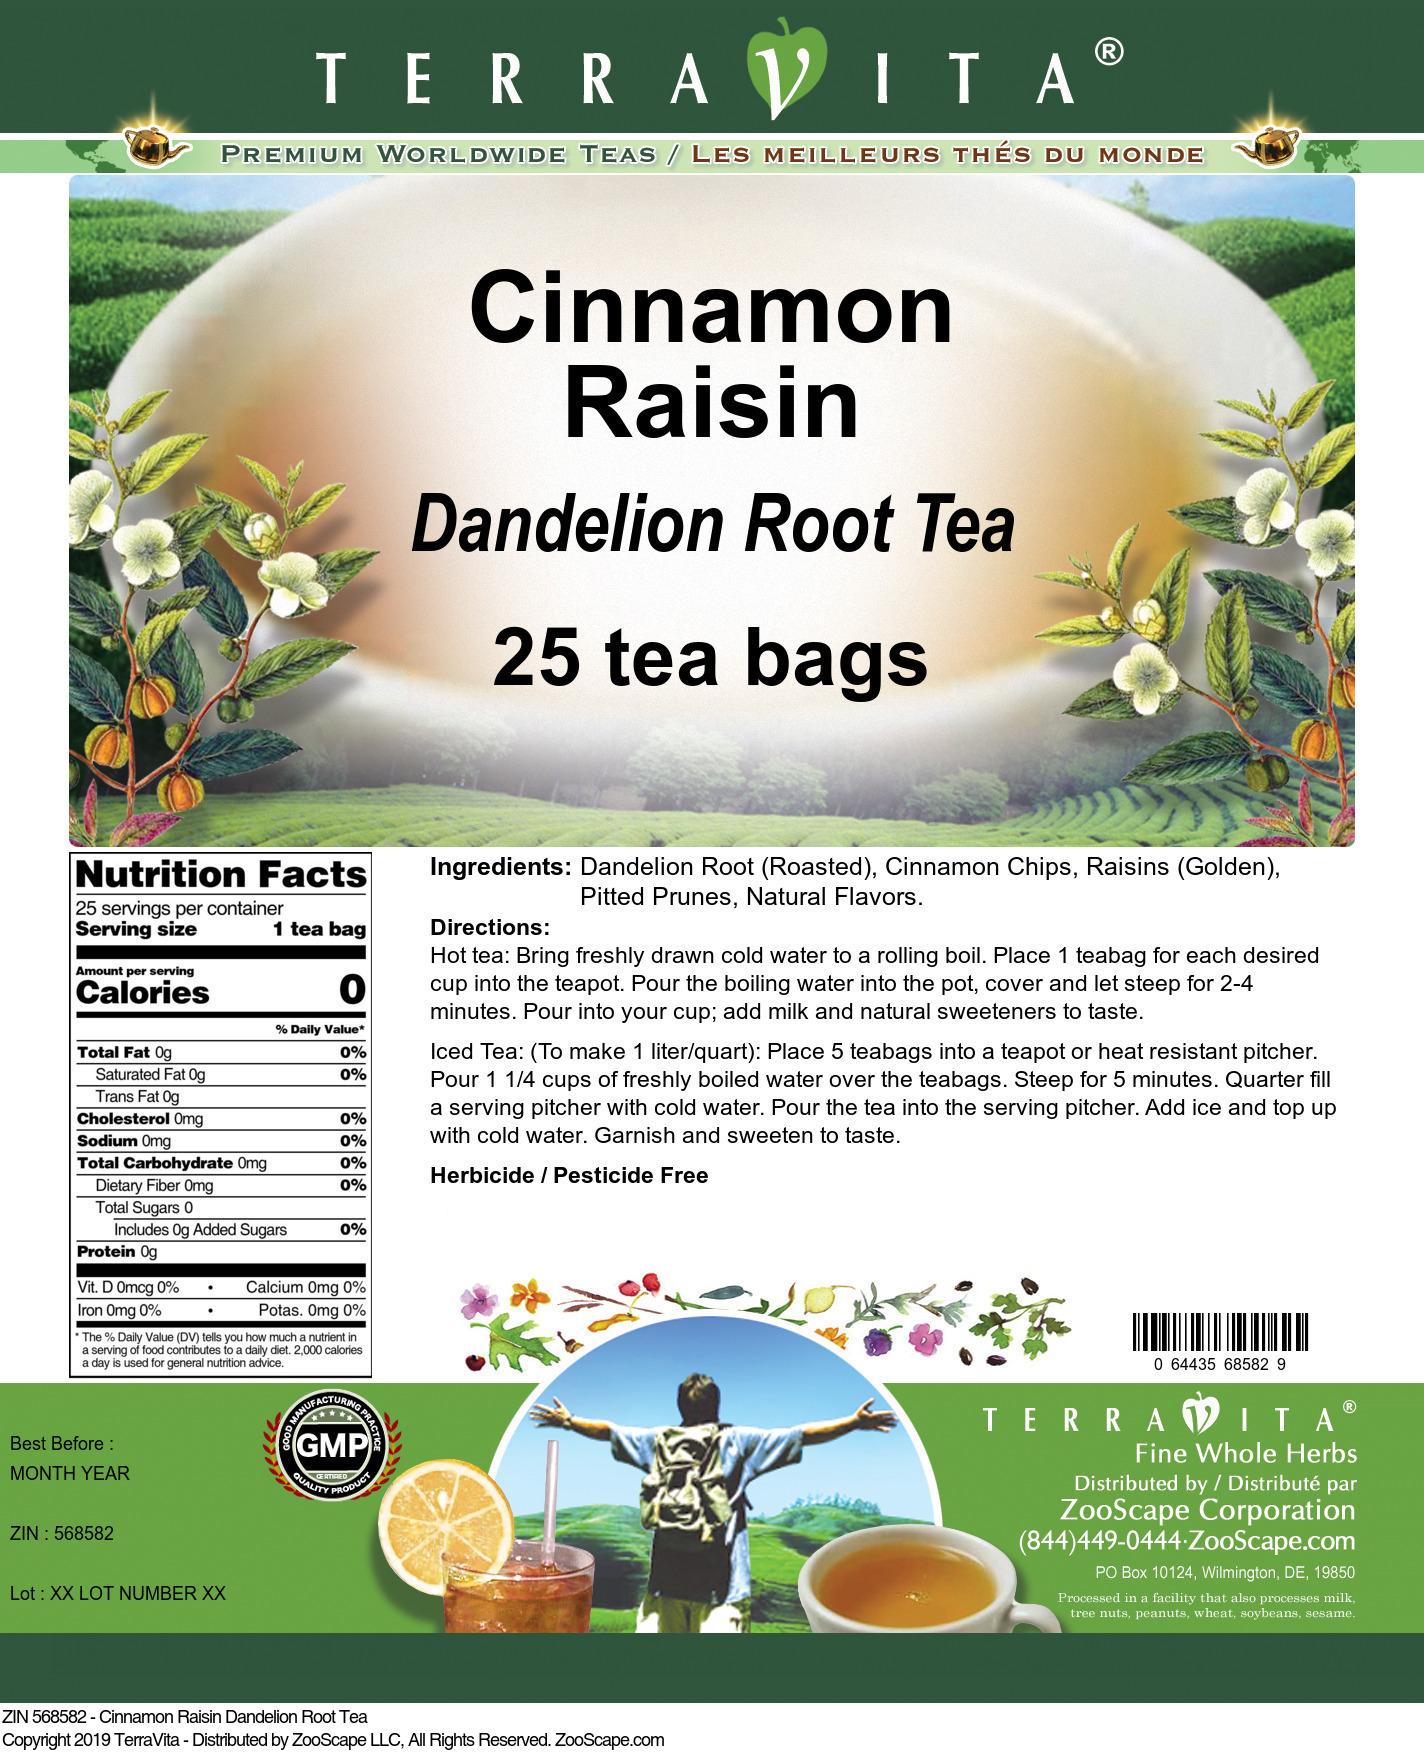 Cinnamon Raisin Dandelion Root Tea